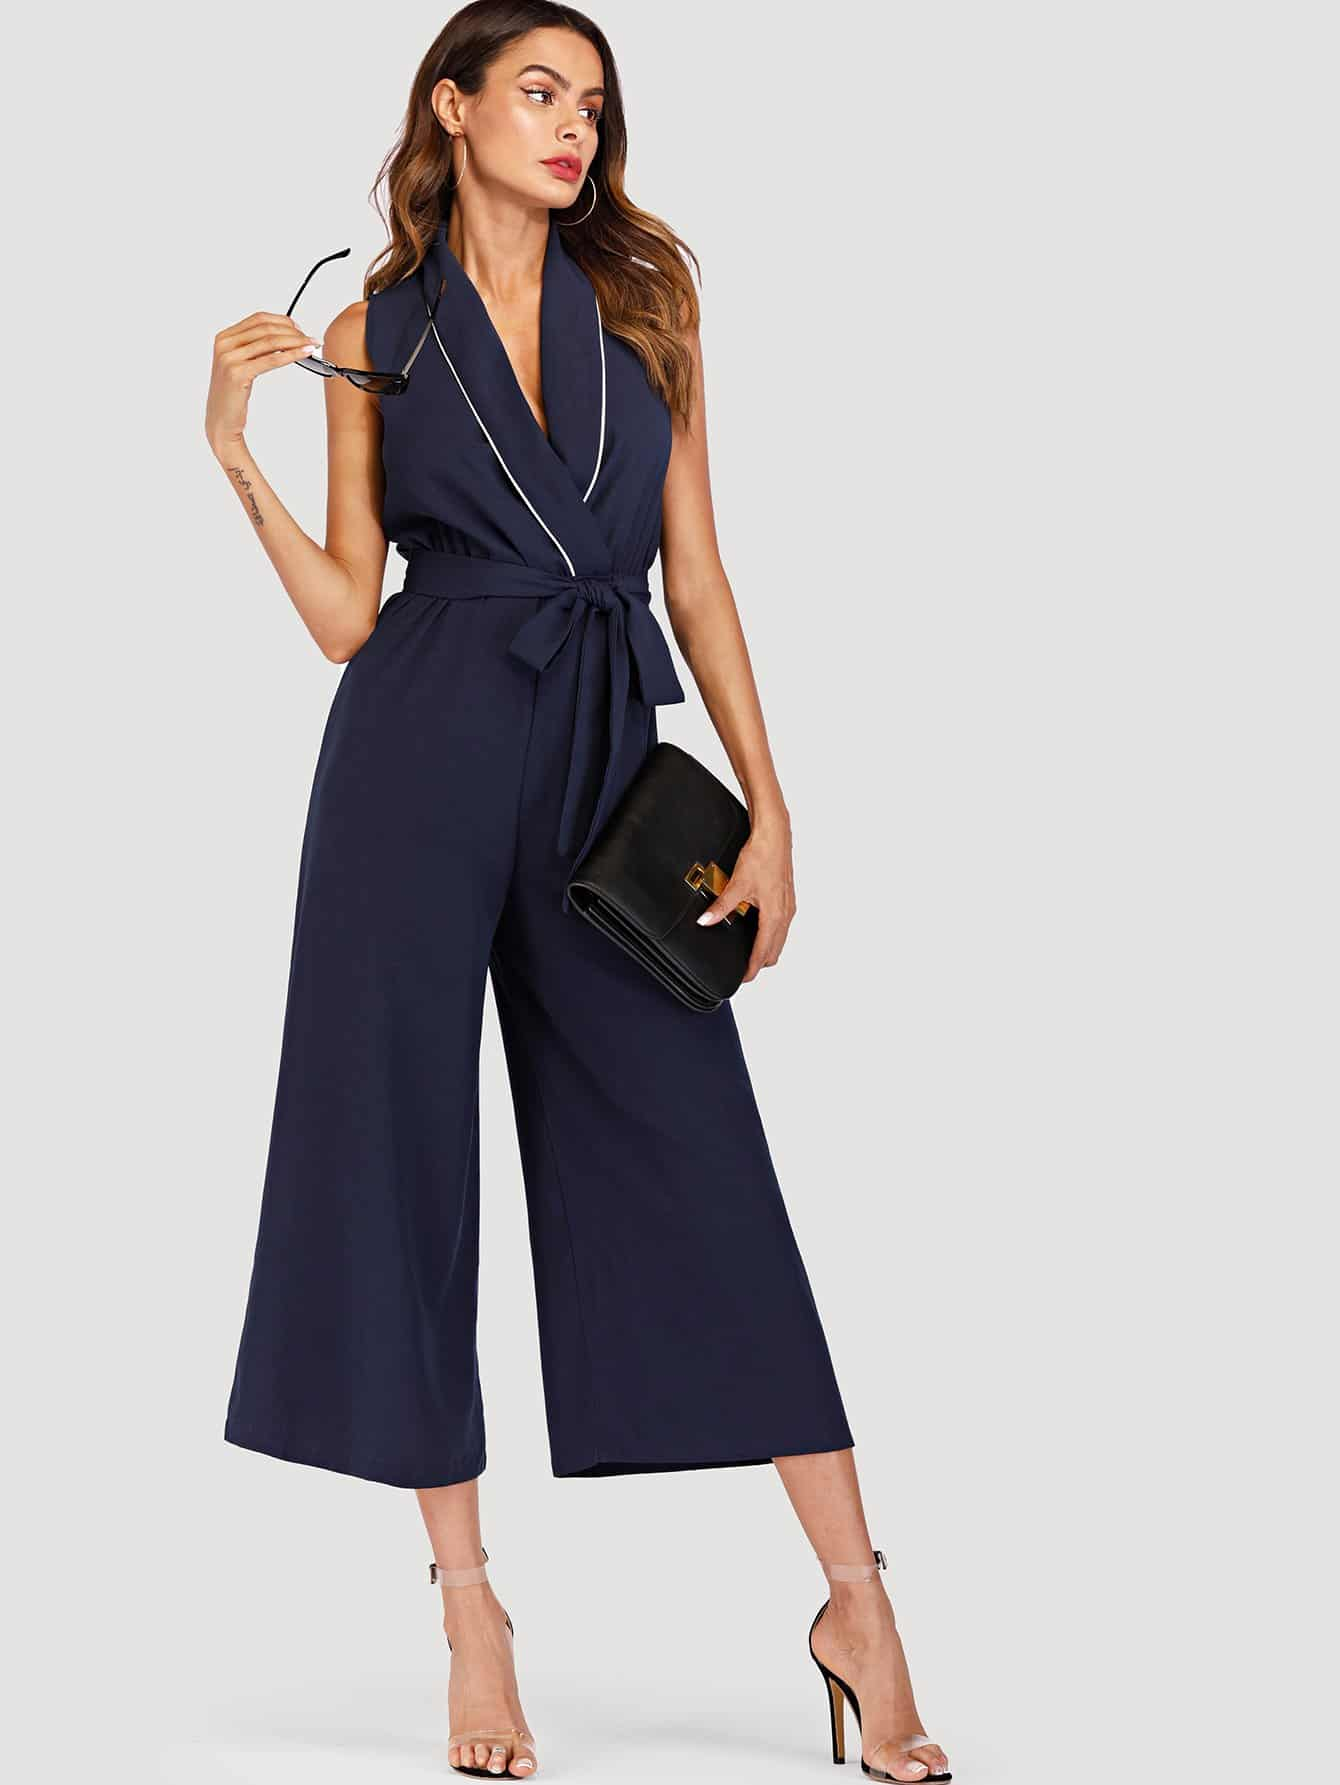 Seam Detail Self Tie Waist Jumpsuit tie waist seam front jeans